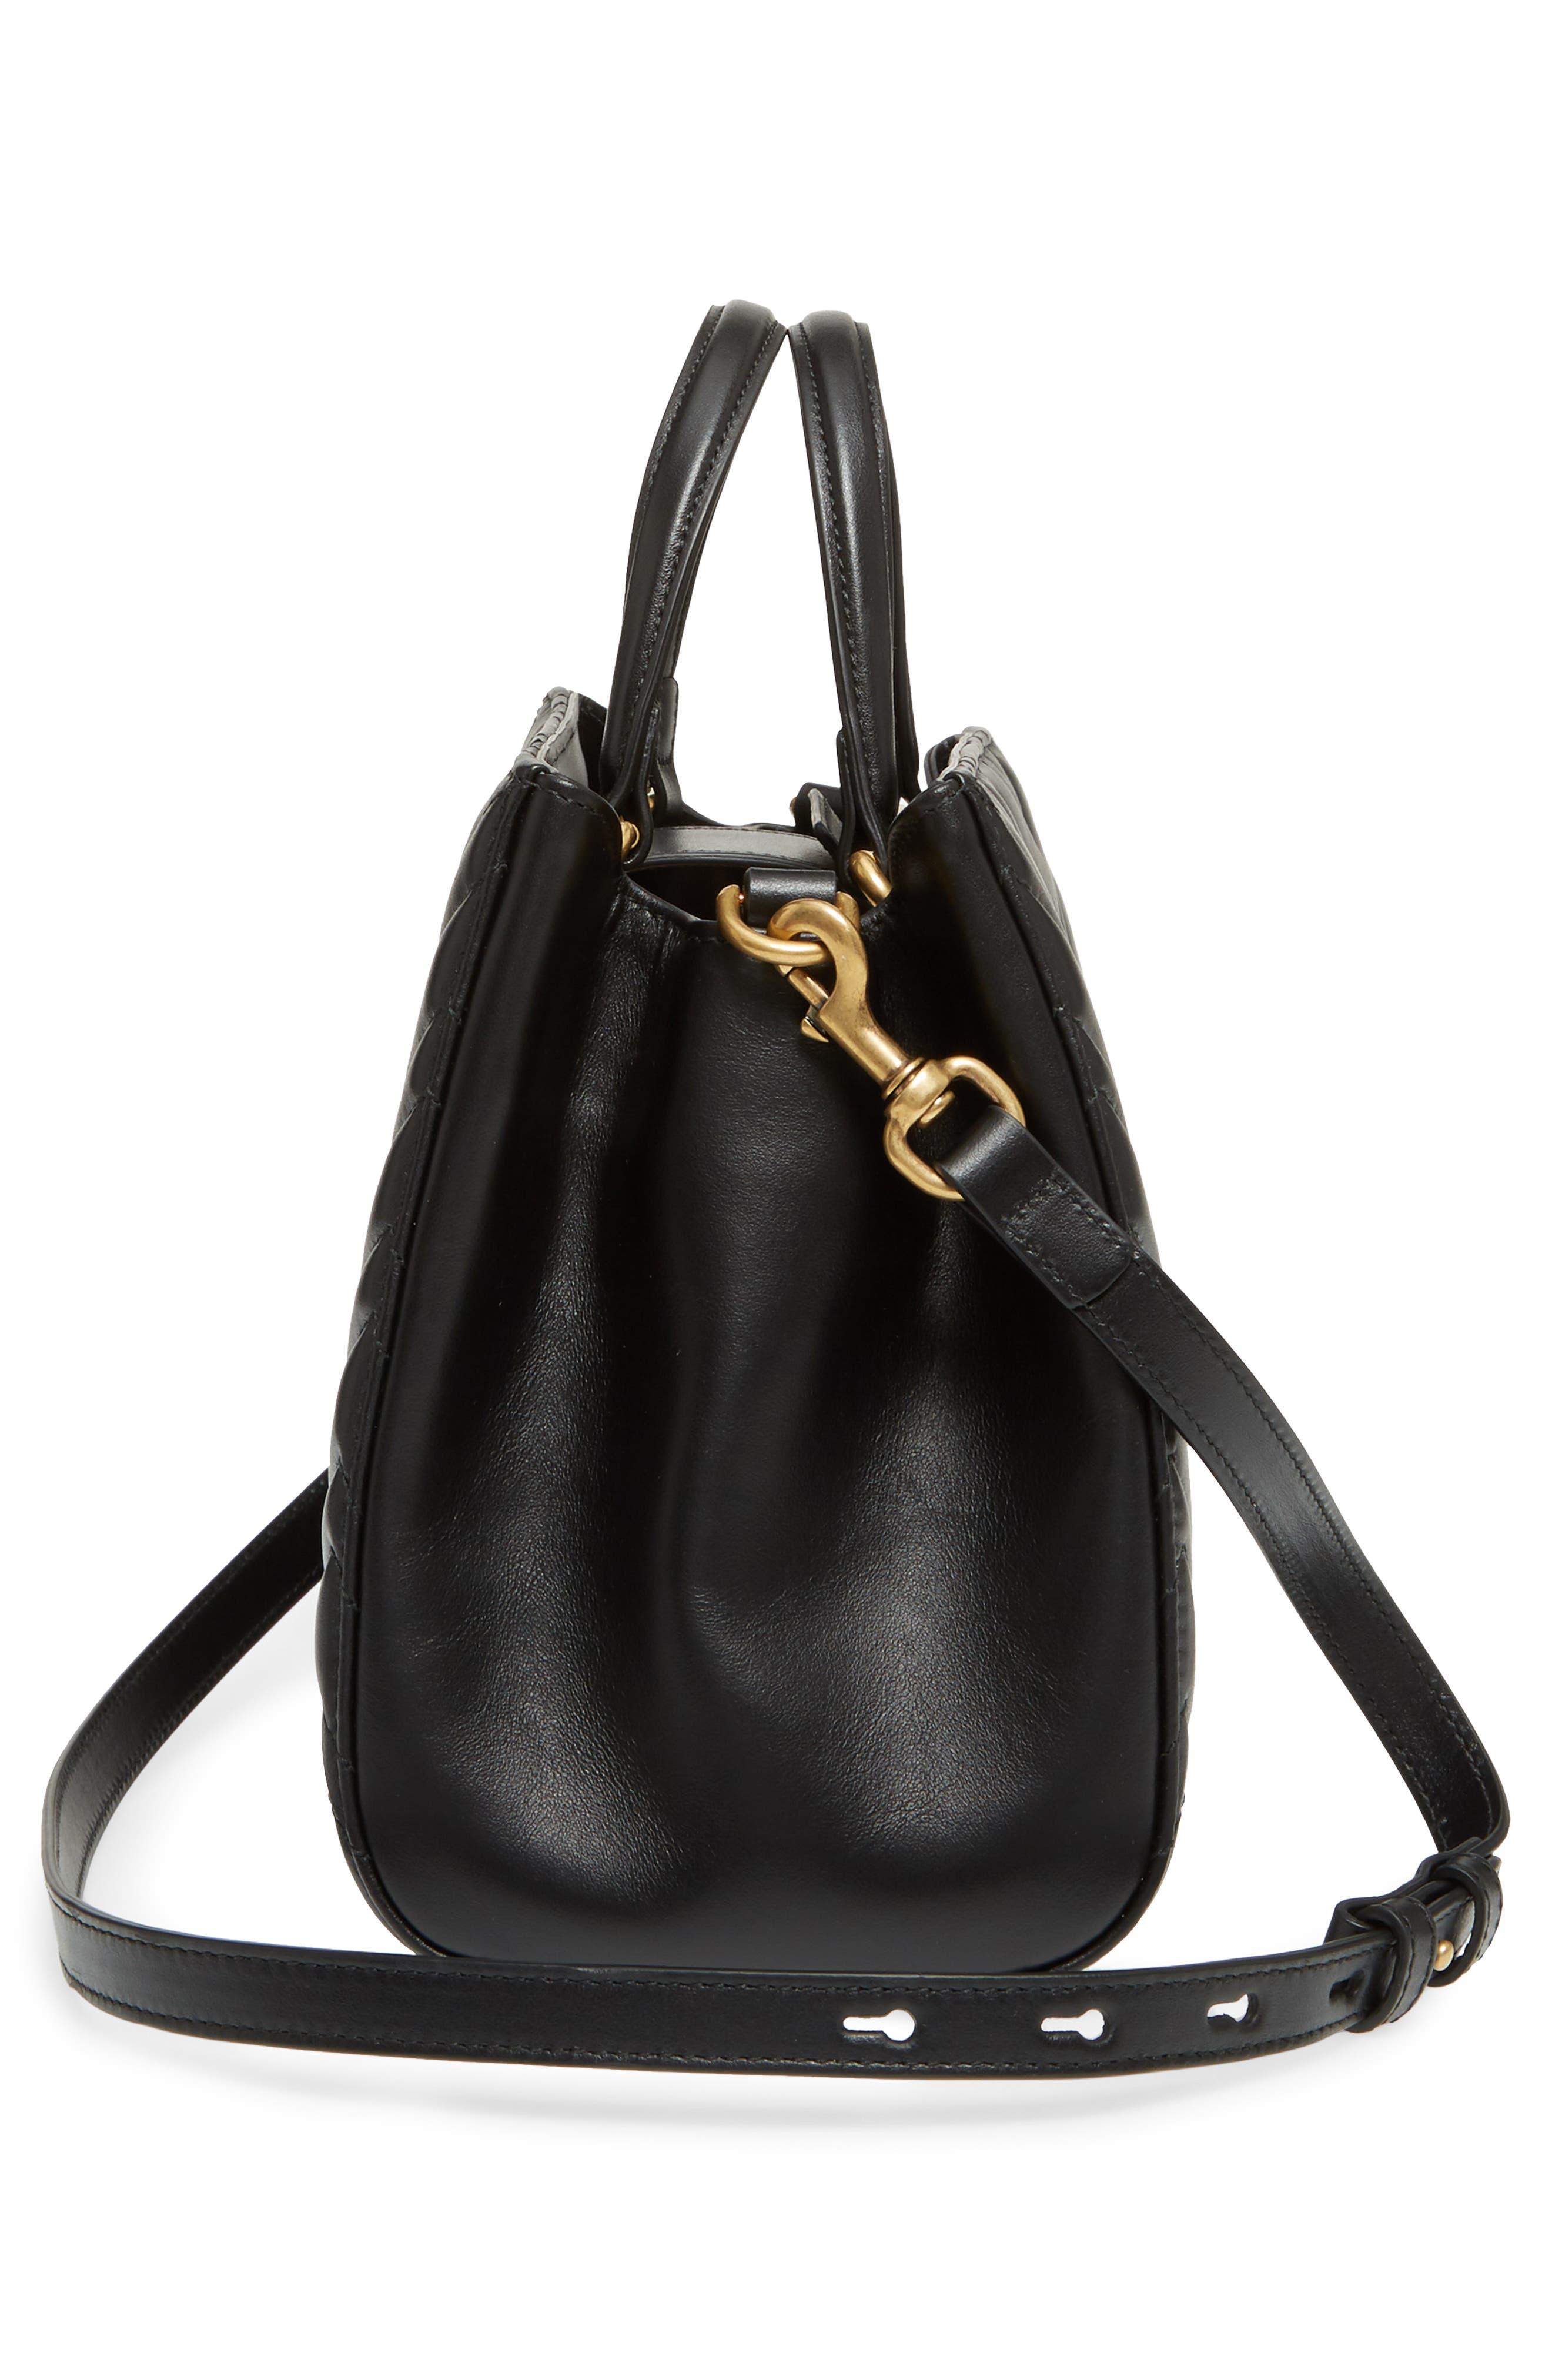 GG Small Marmont 2.0 Matelassé Leather Top Handle Satchel,                             Alternate thumbnail 6, color,                             005